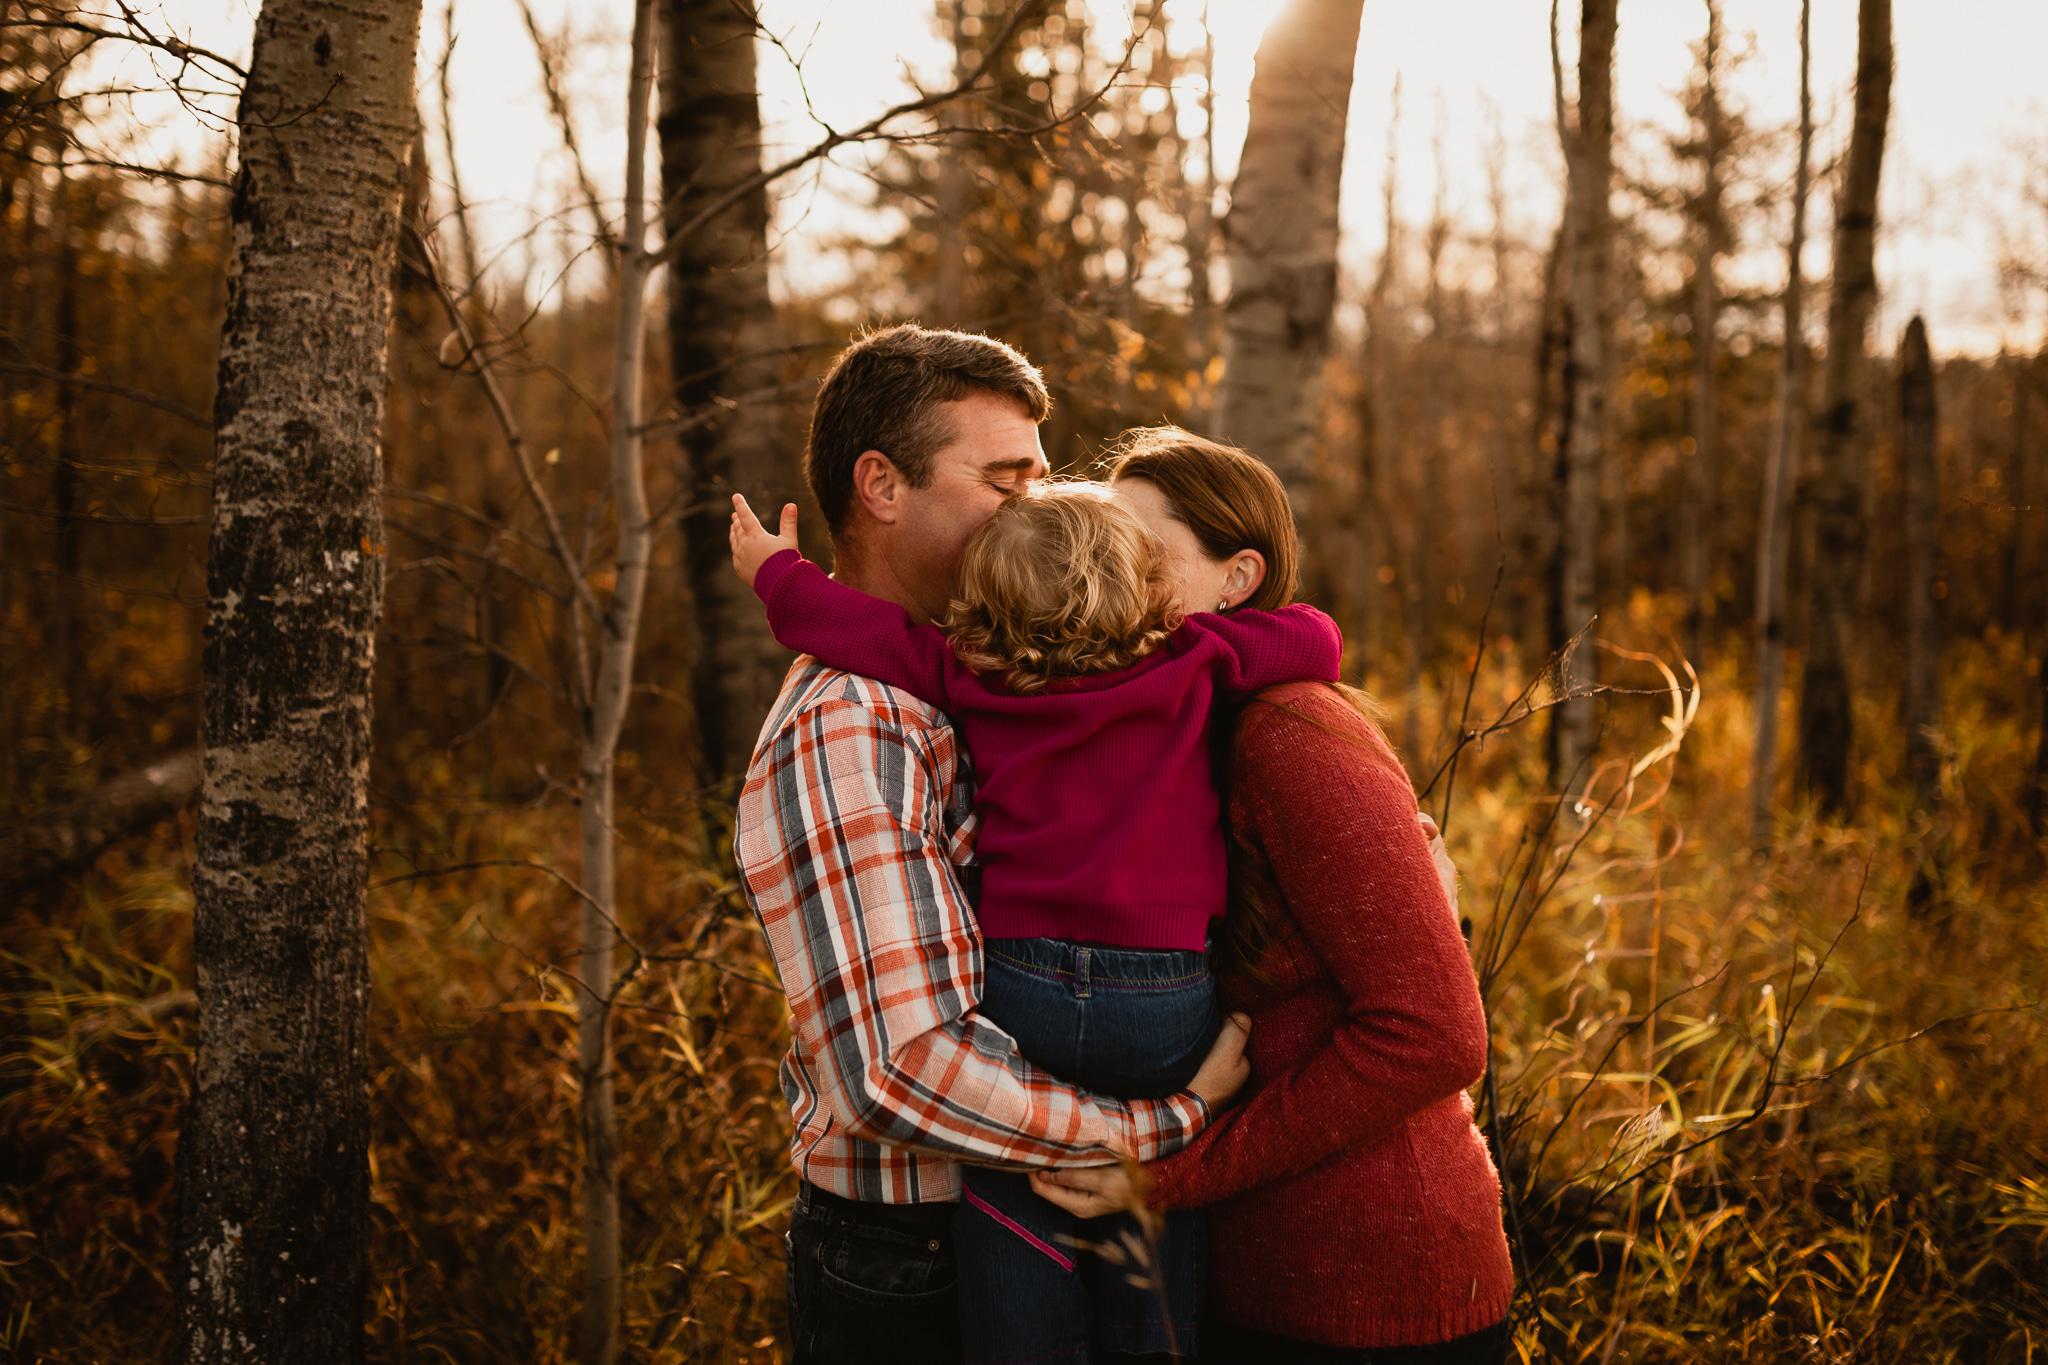 Alina-Joy-Photography-Cold-Lake-Lifestyle-Photographer-7.jpg